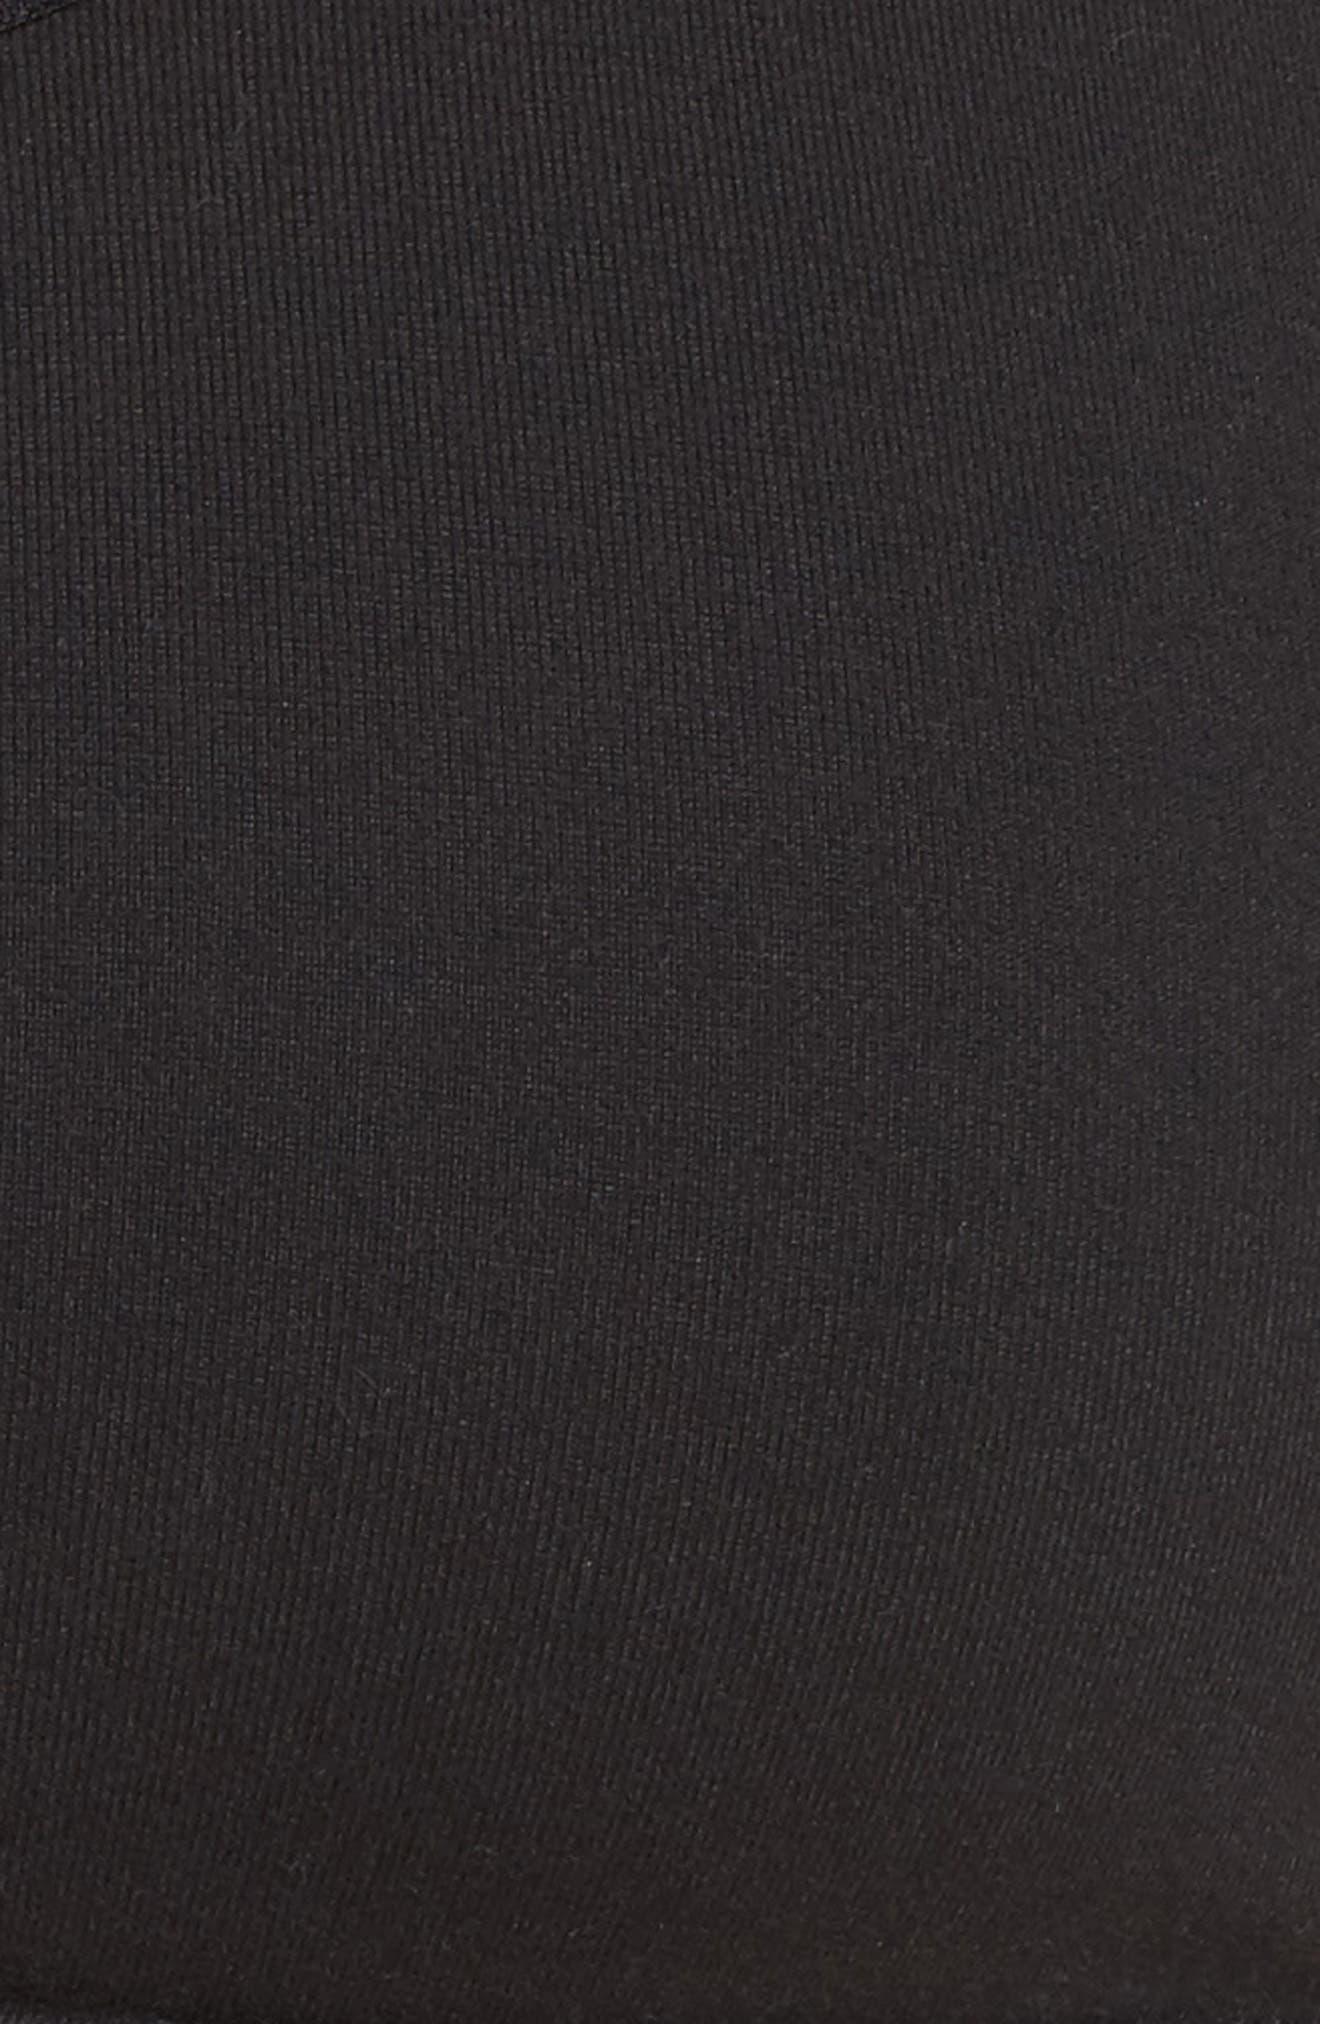 Levitate Sports Bra,                             Alternate thumbnail 6, color,                             Jet Black